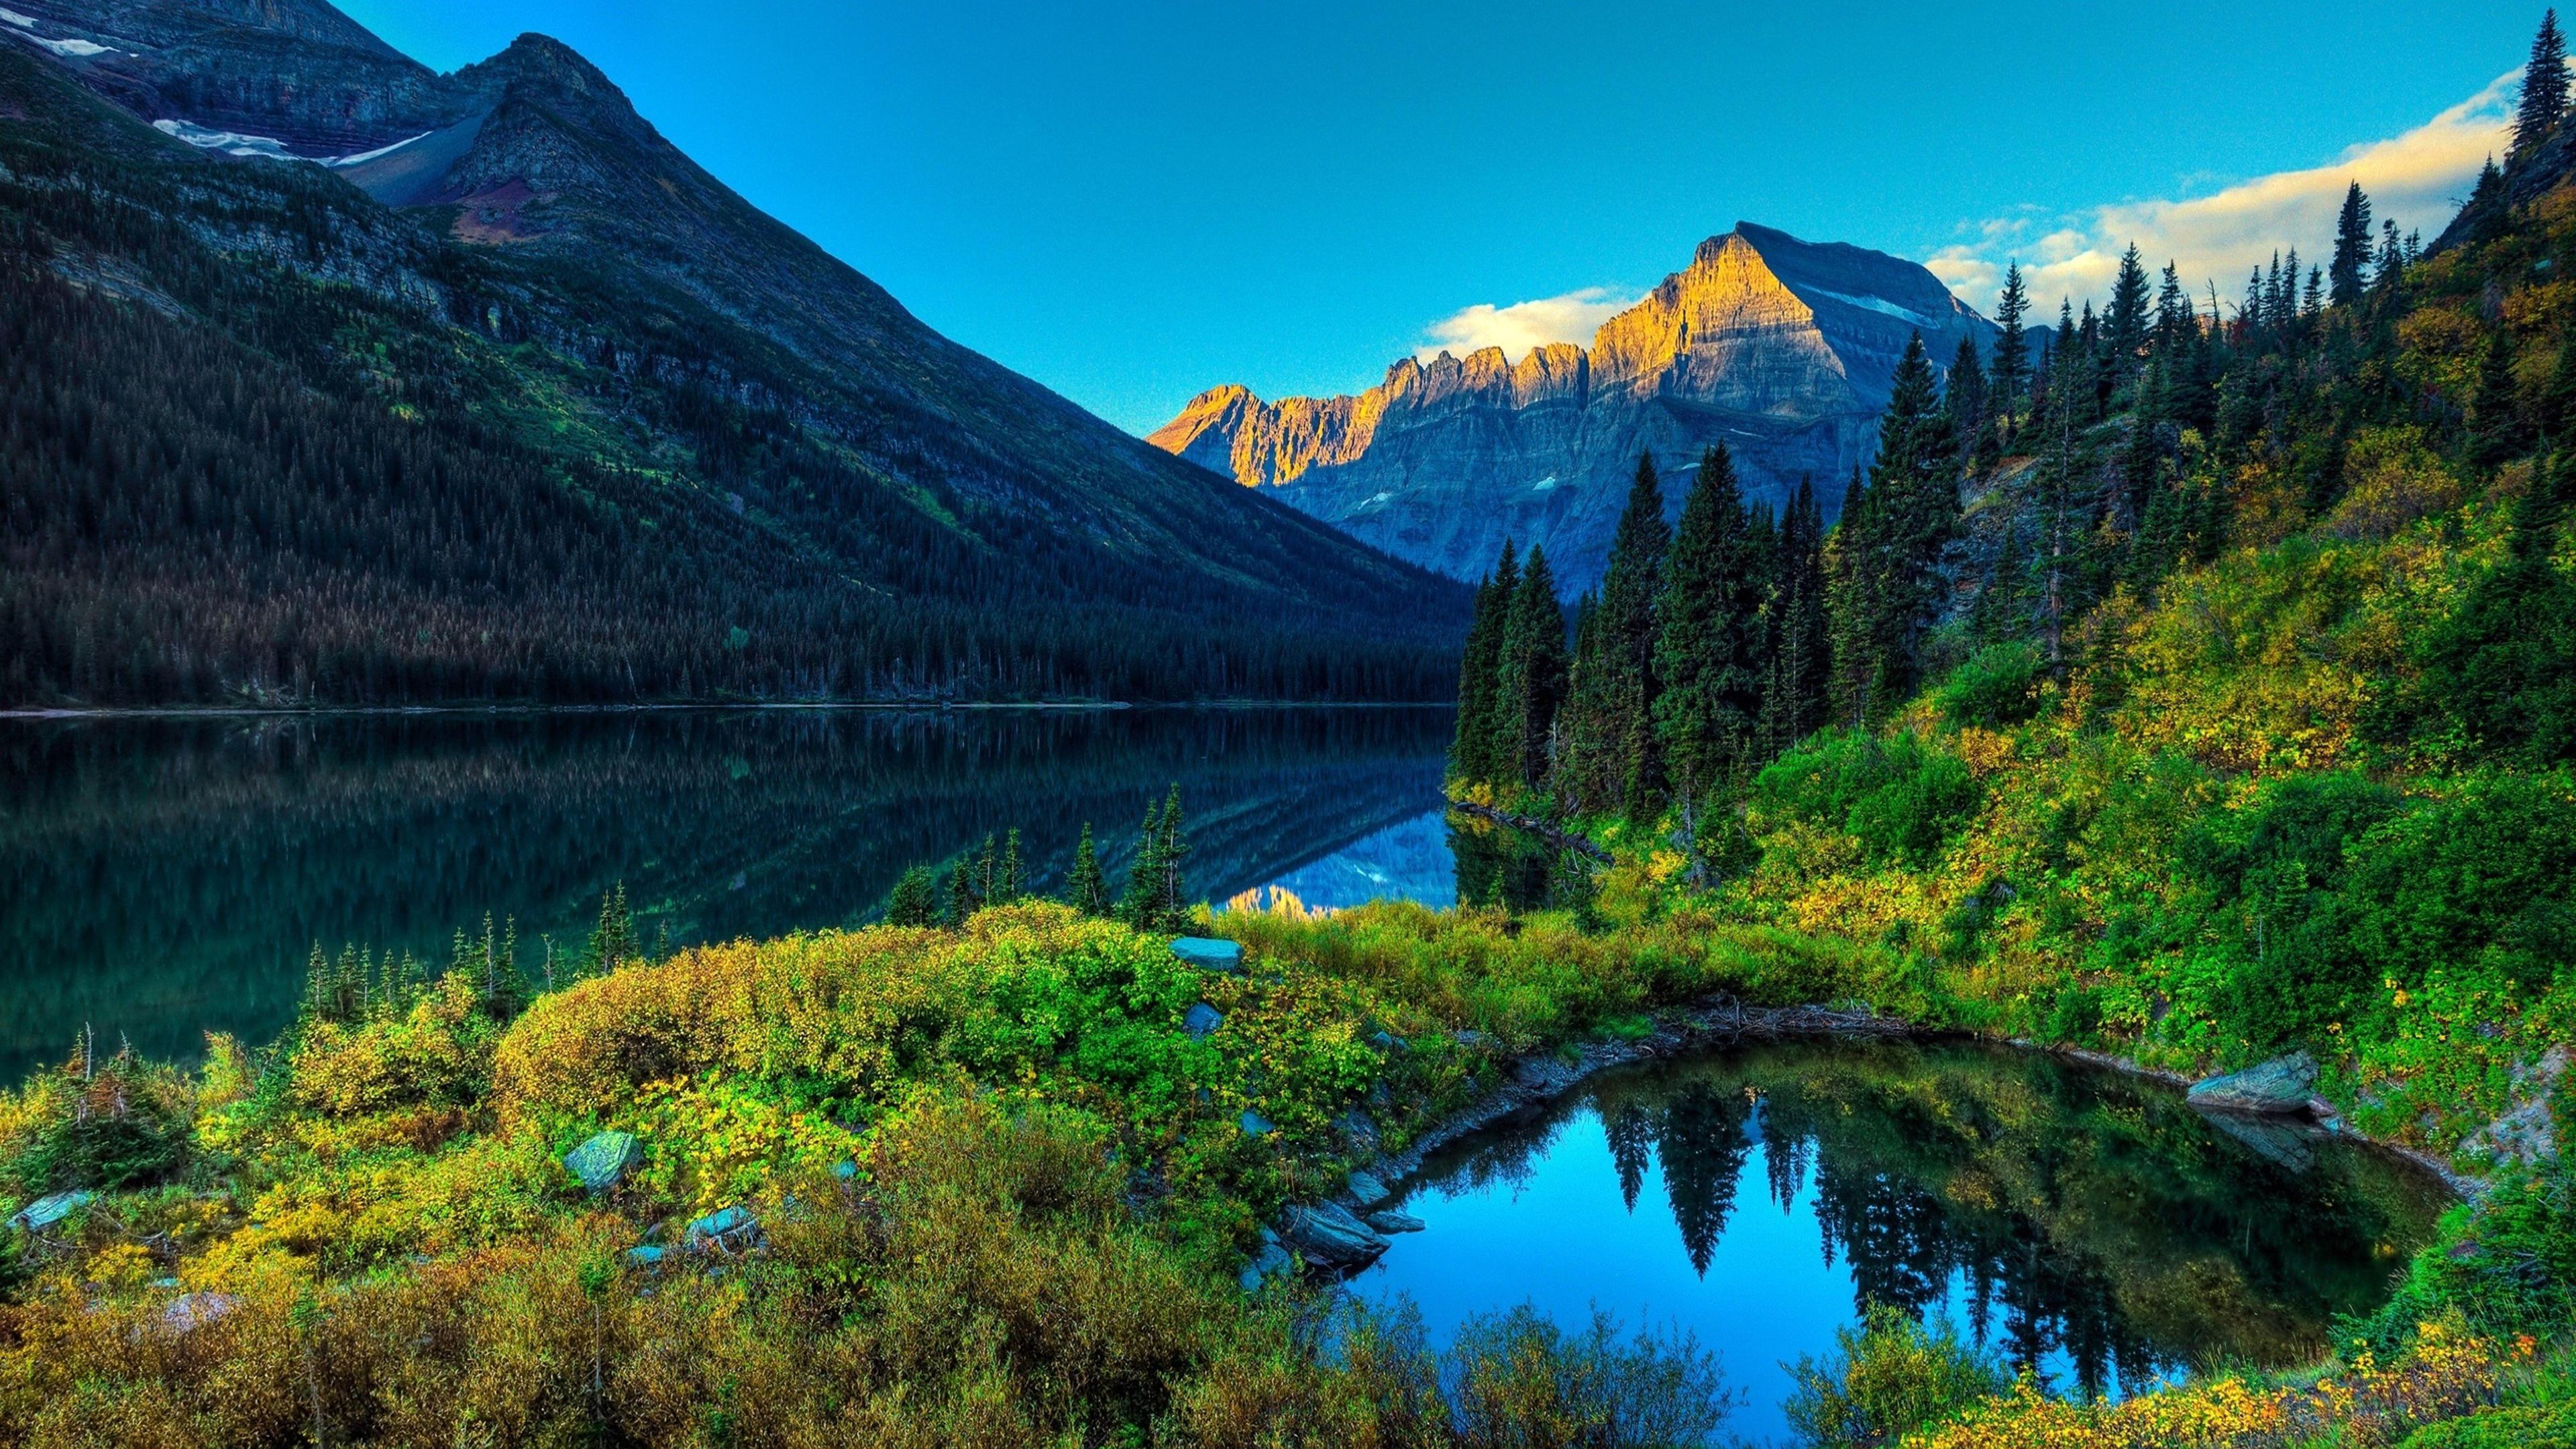 Forest Mountains Ultra HD 4K Wallpaper | Nature | Pinterest